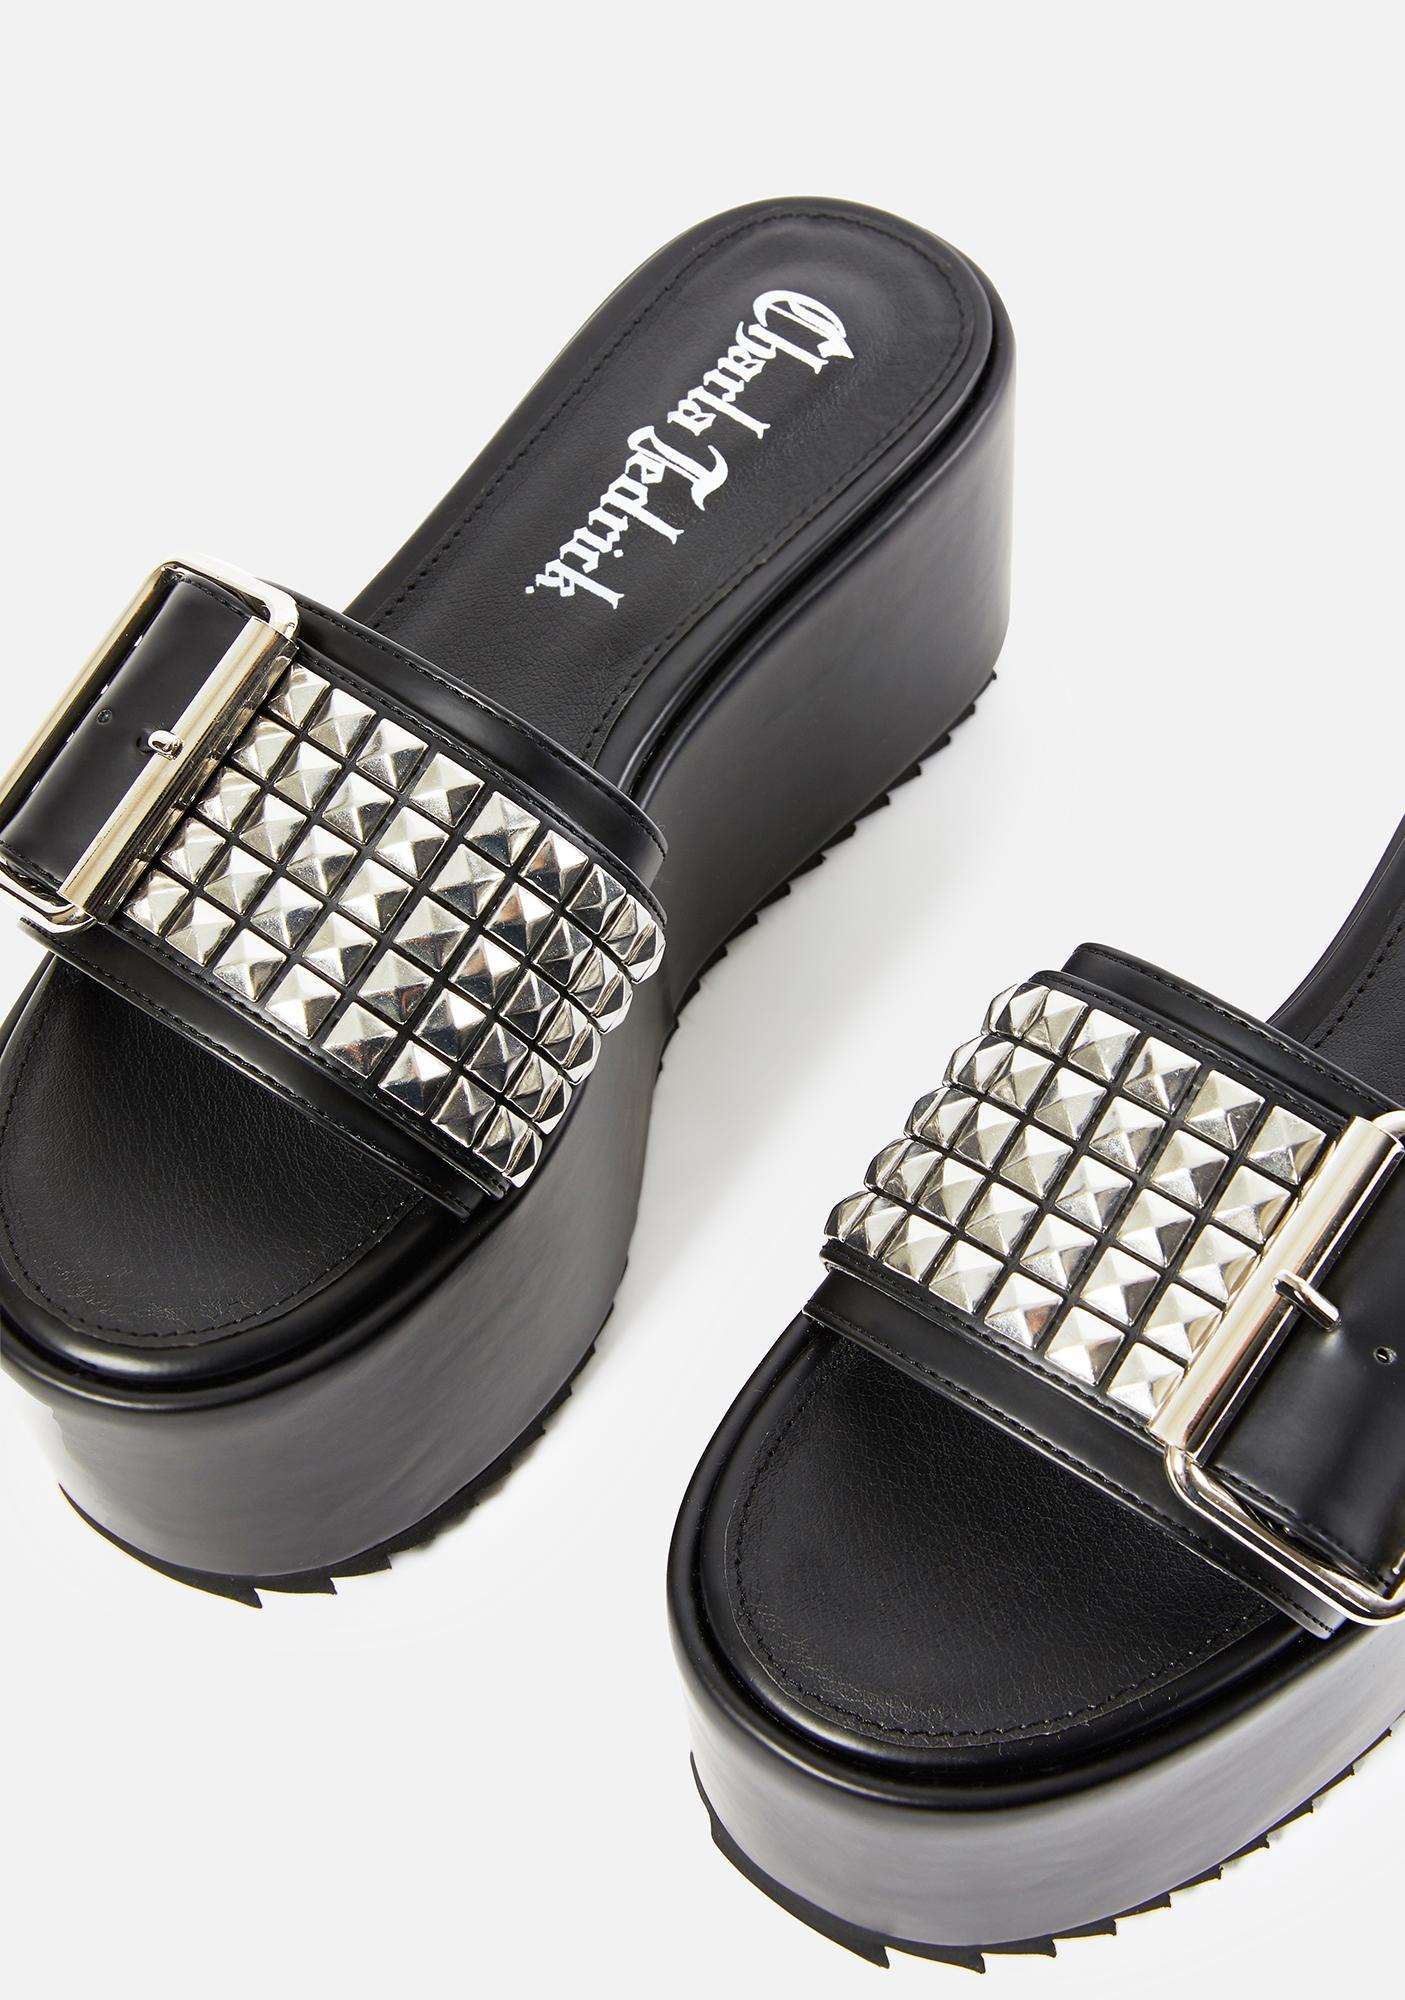 Charla Tedrick Soho Slide Platform Sandals